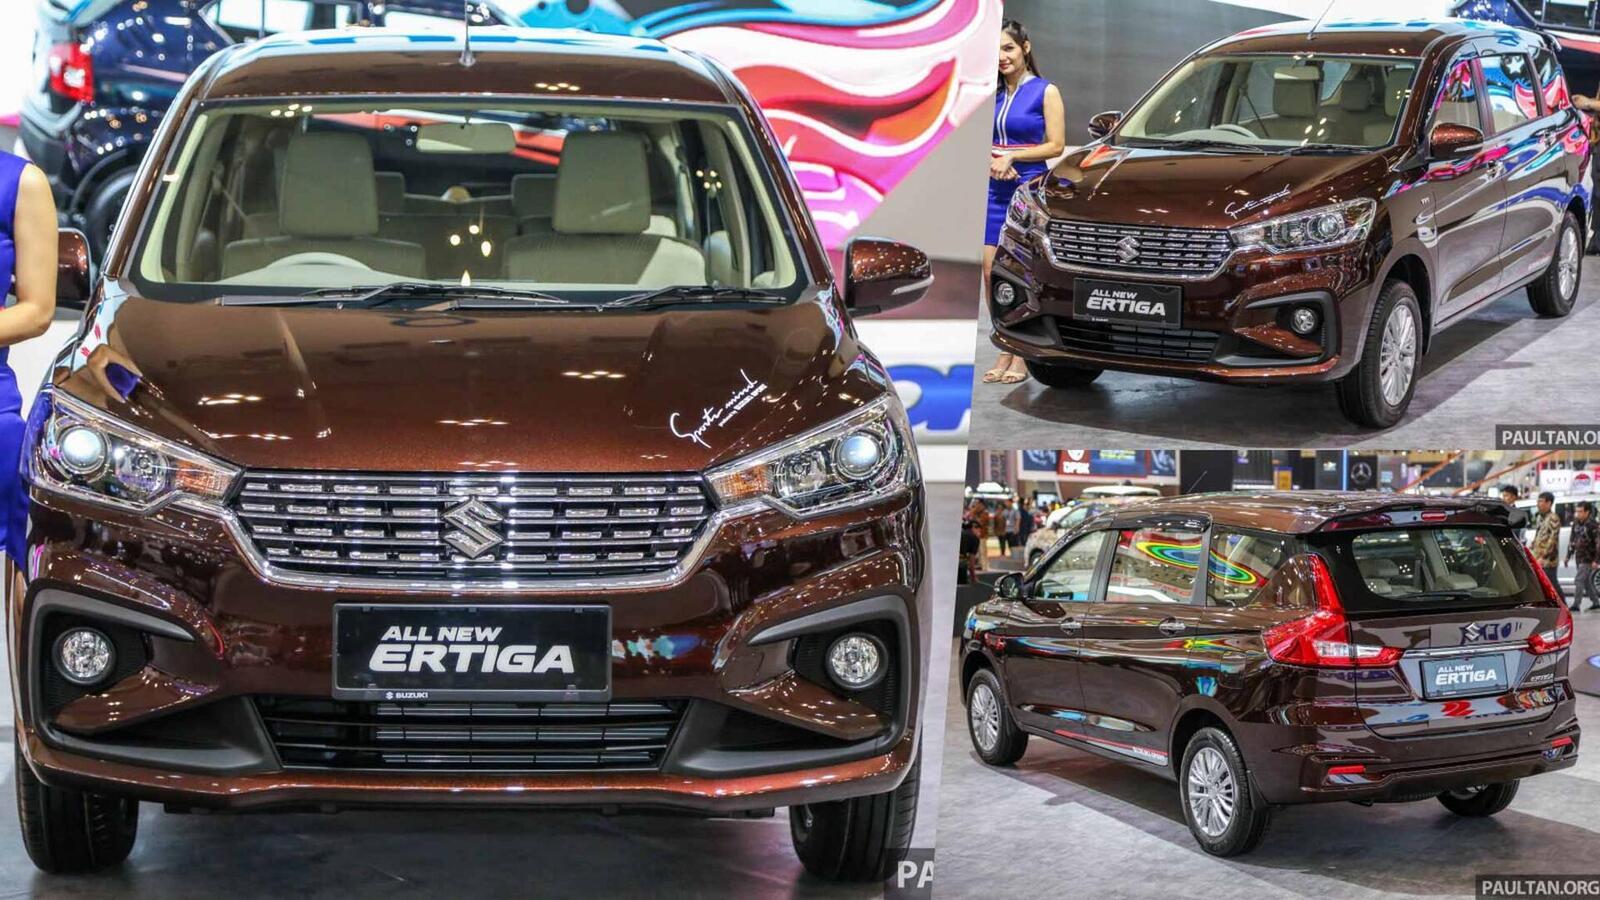 Suzuki Ertiga thế hệ sẽ về Việt Nam trong năm nay; cạnh tranh với Rush và Xpander - Hình 1